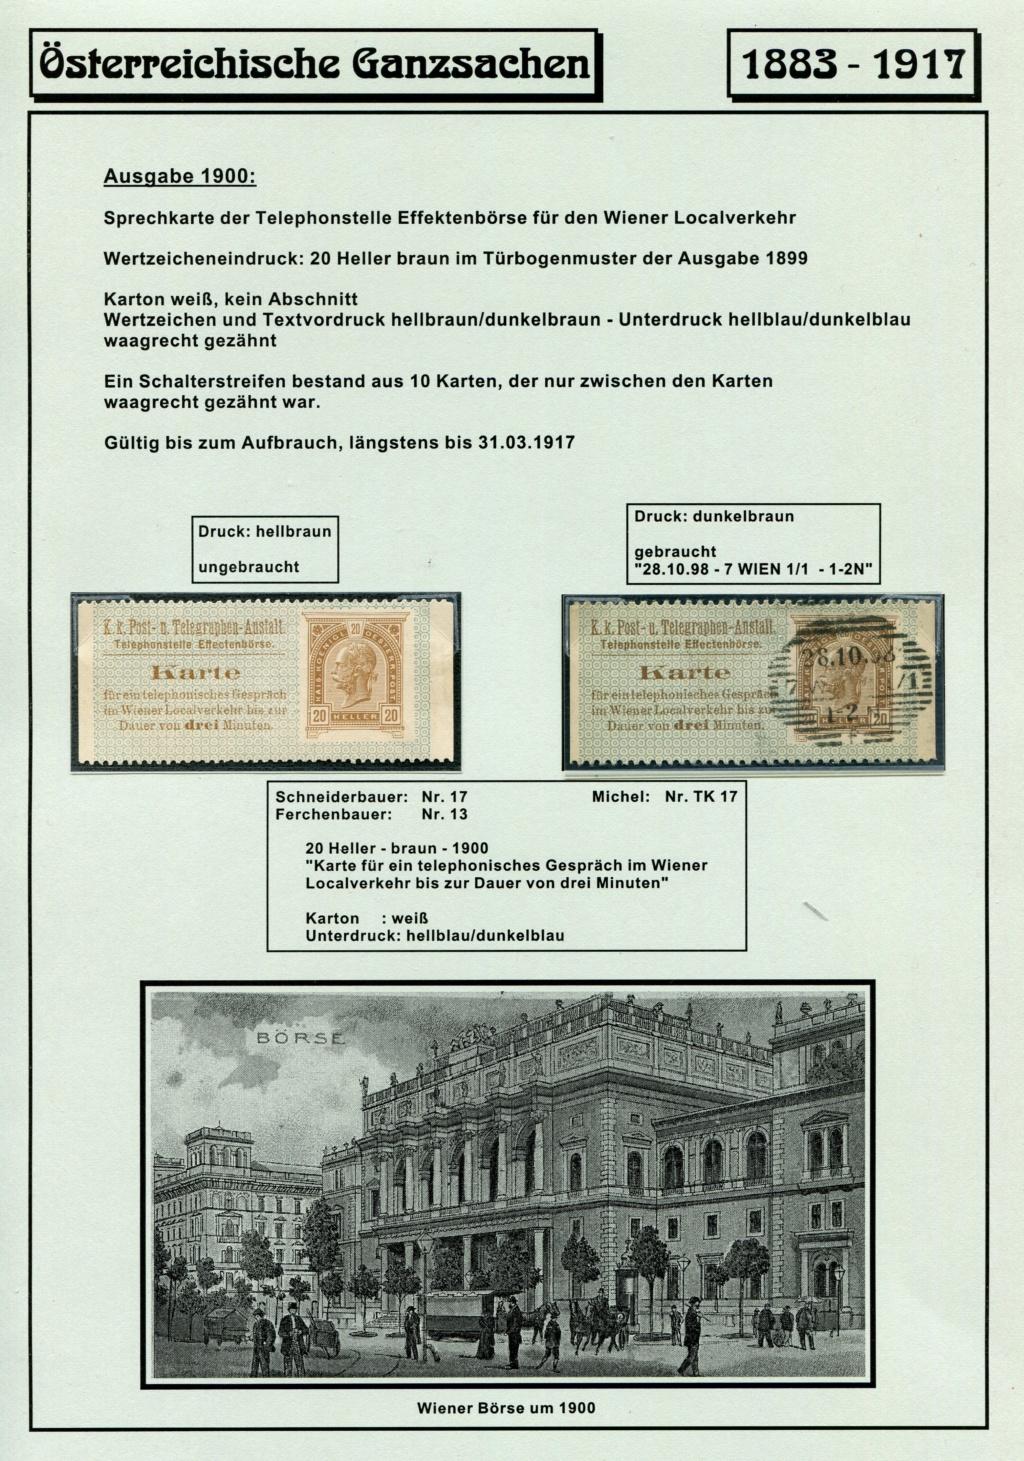 Österreichische Telephon-Sprechkarten - 1883 - 1917 Tel_ka30